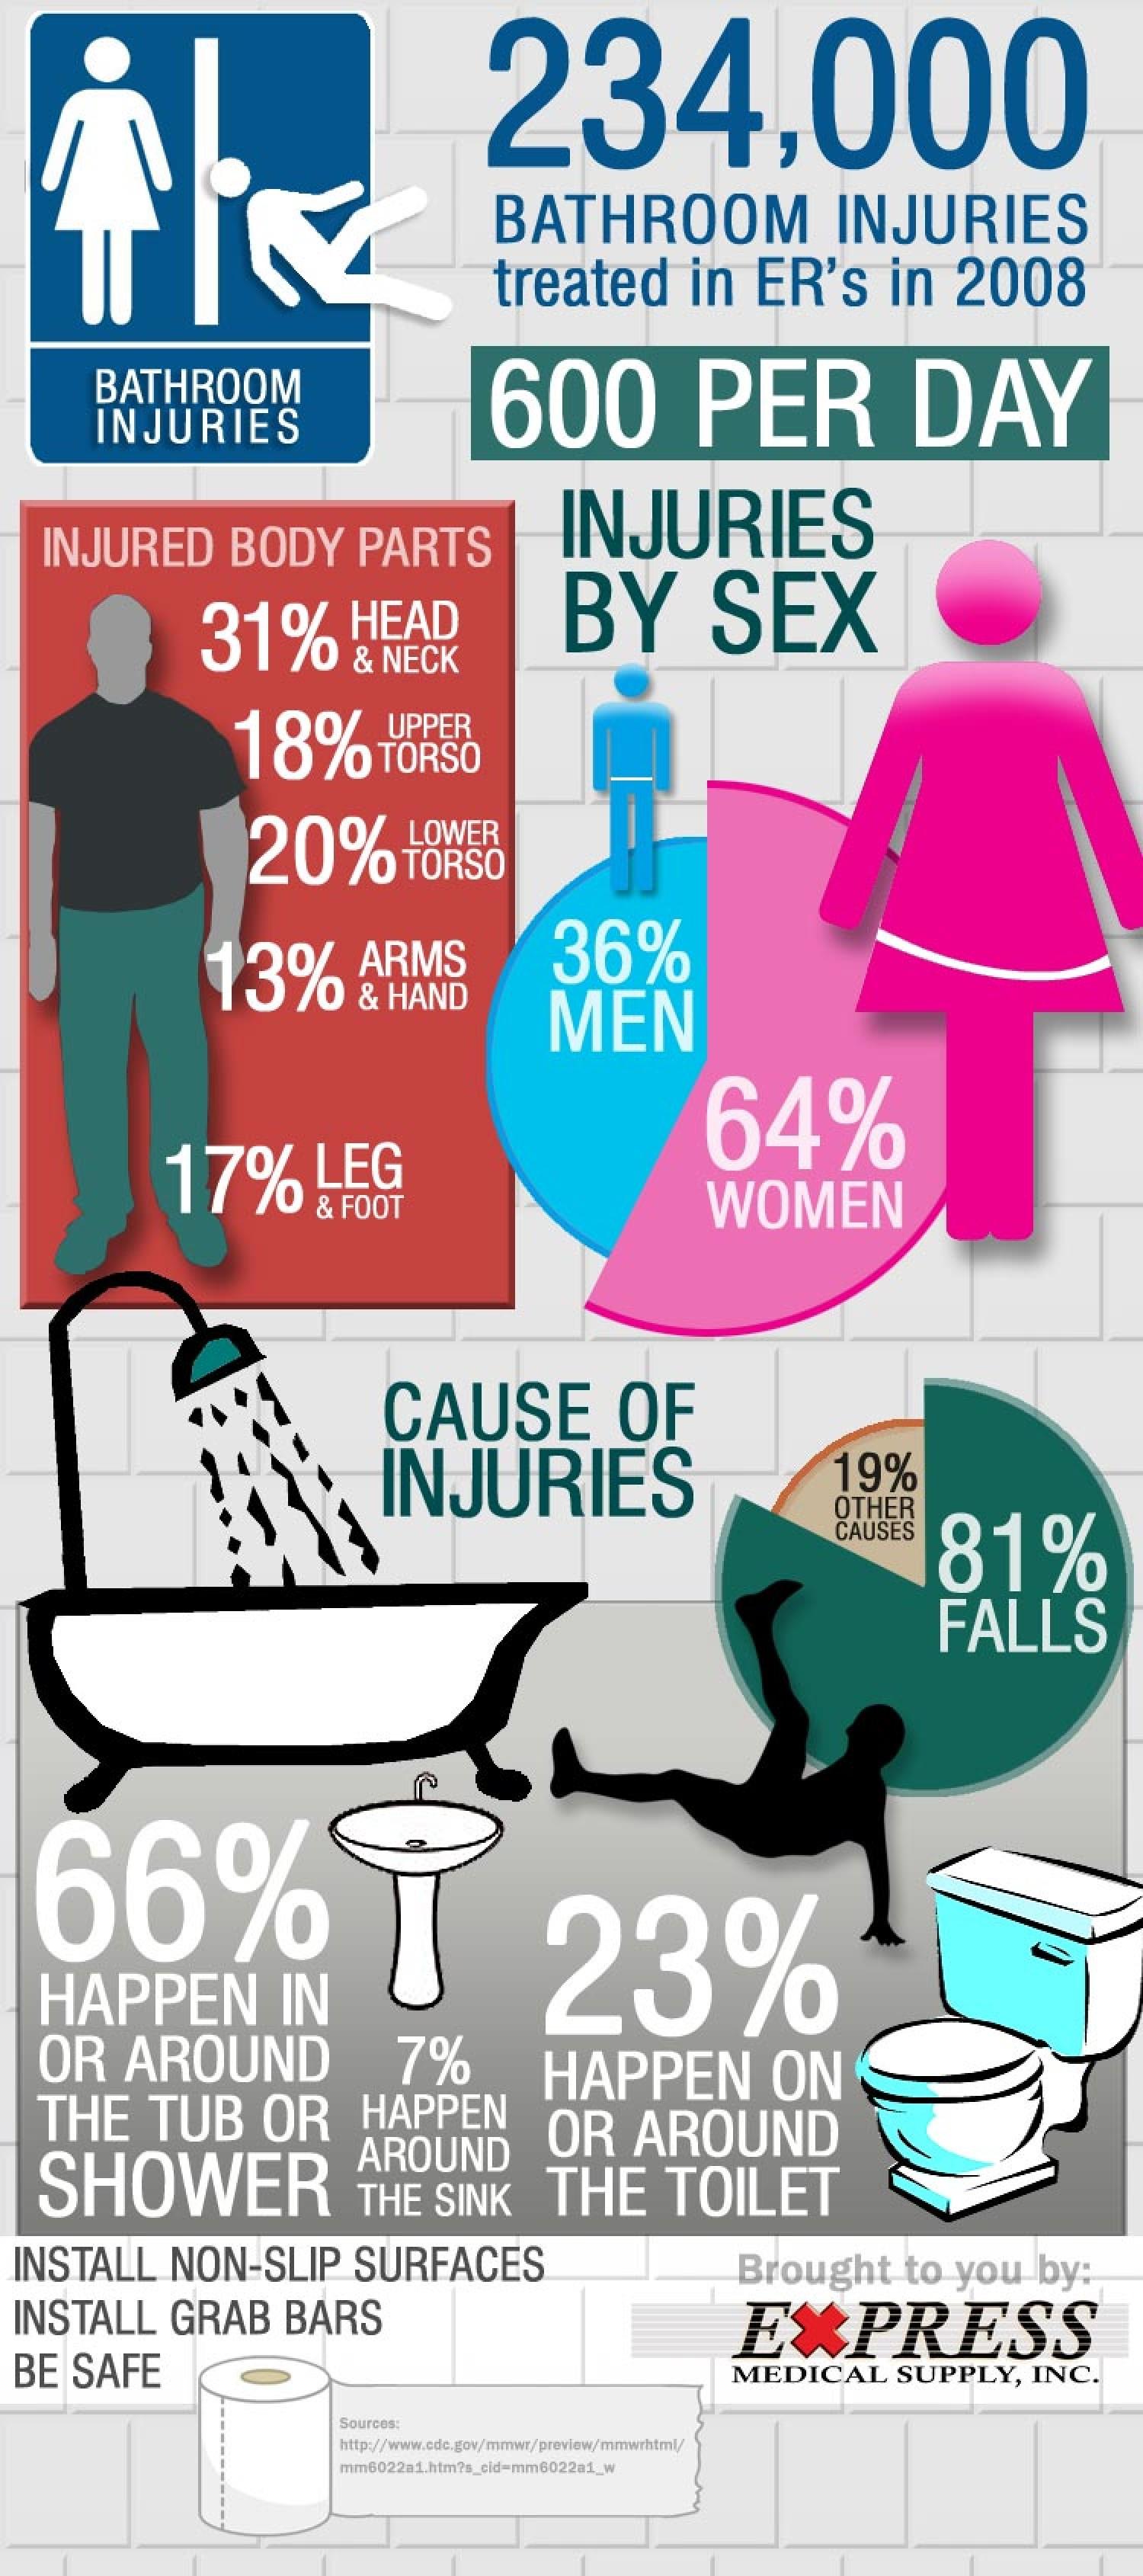 Bathroom injuries